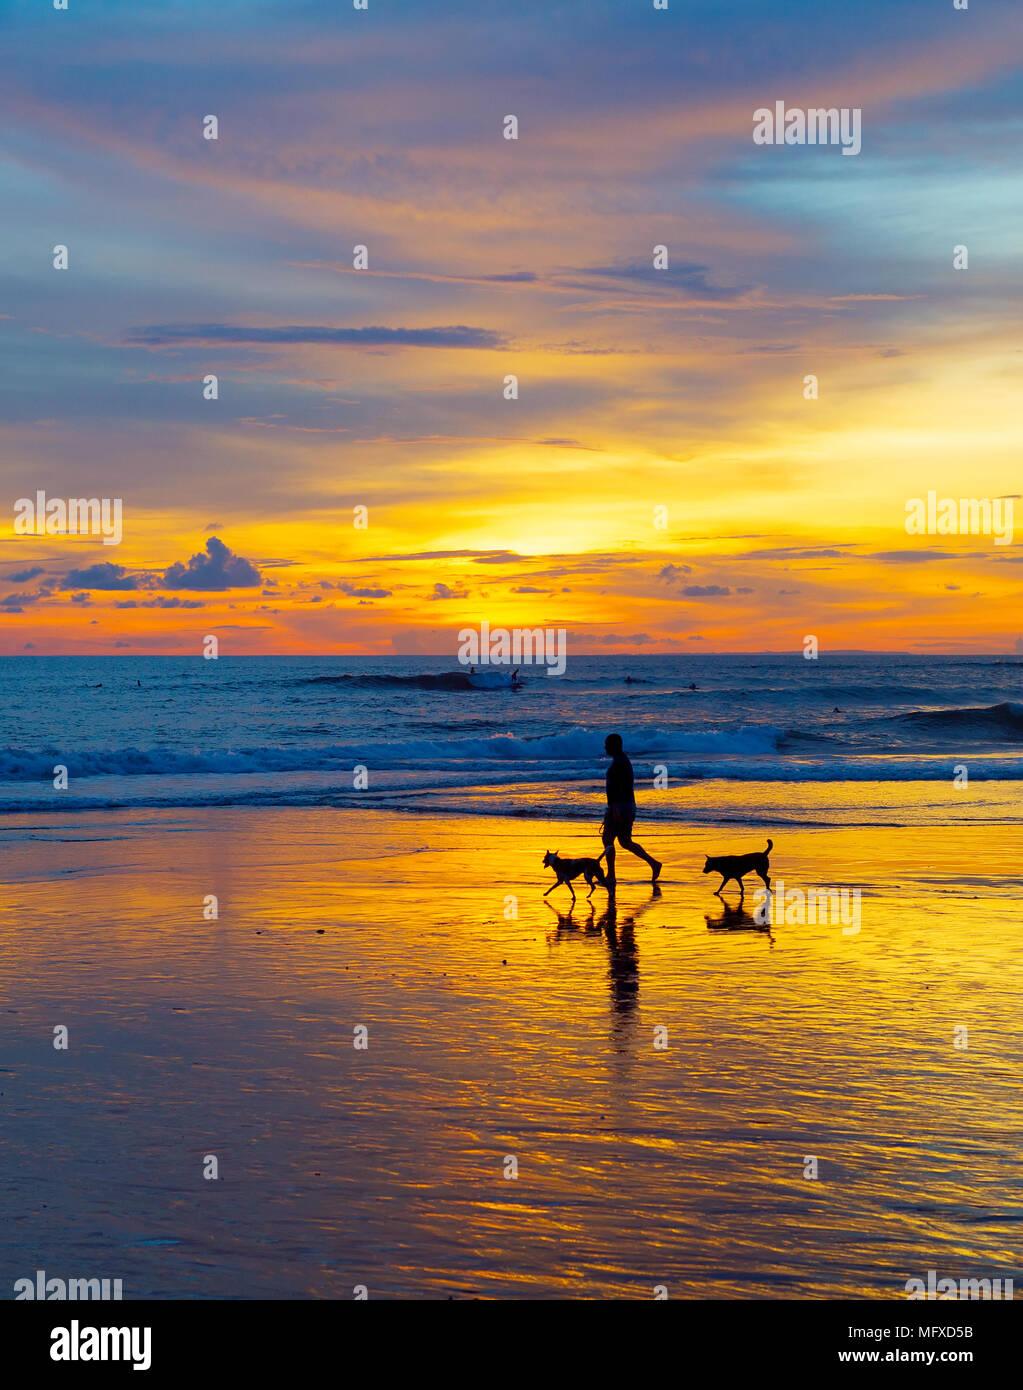 Silhouette d'un homme marchant avec les chiens sur une plage au coucher du soleil. L'île de Bali, Indonésie Photo Stock